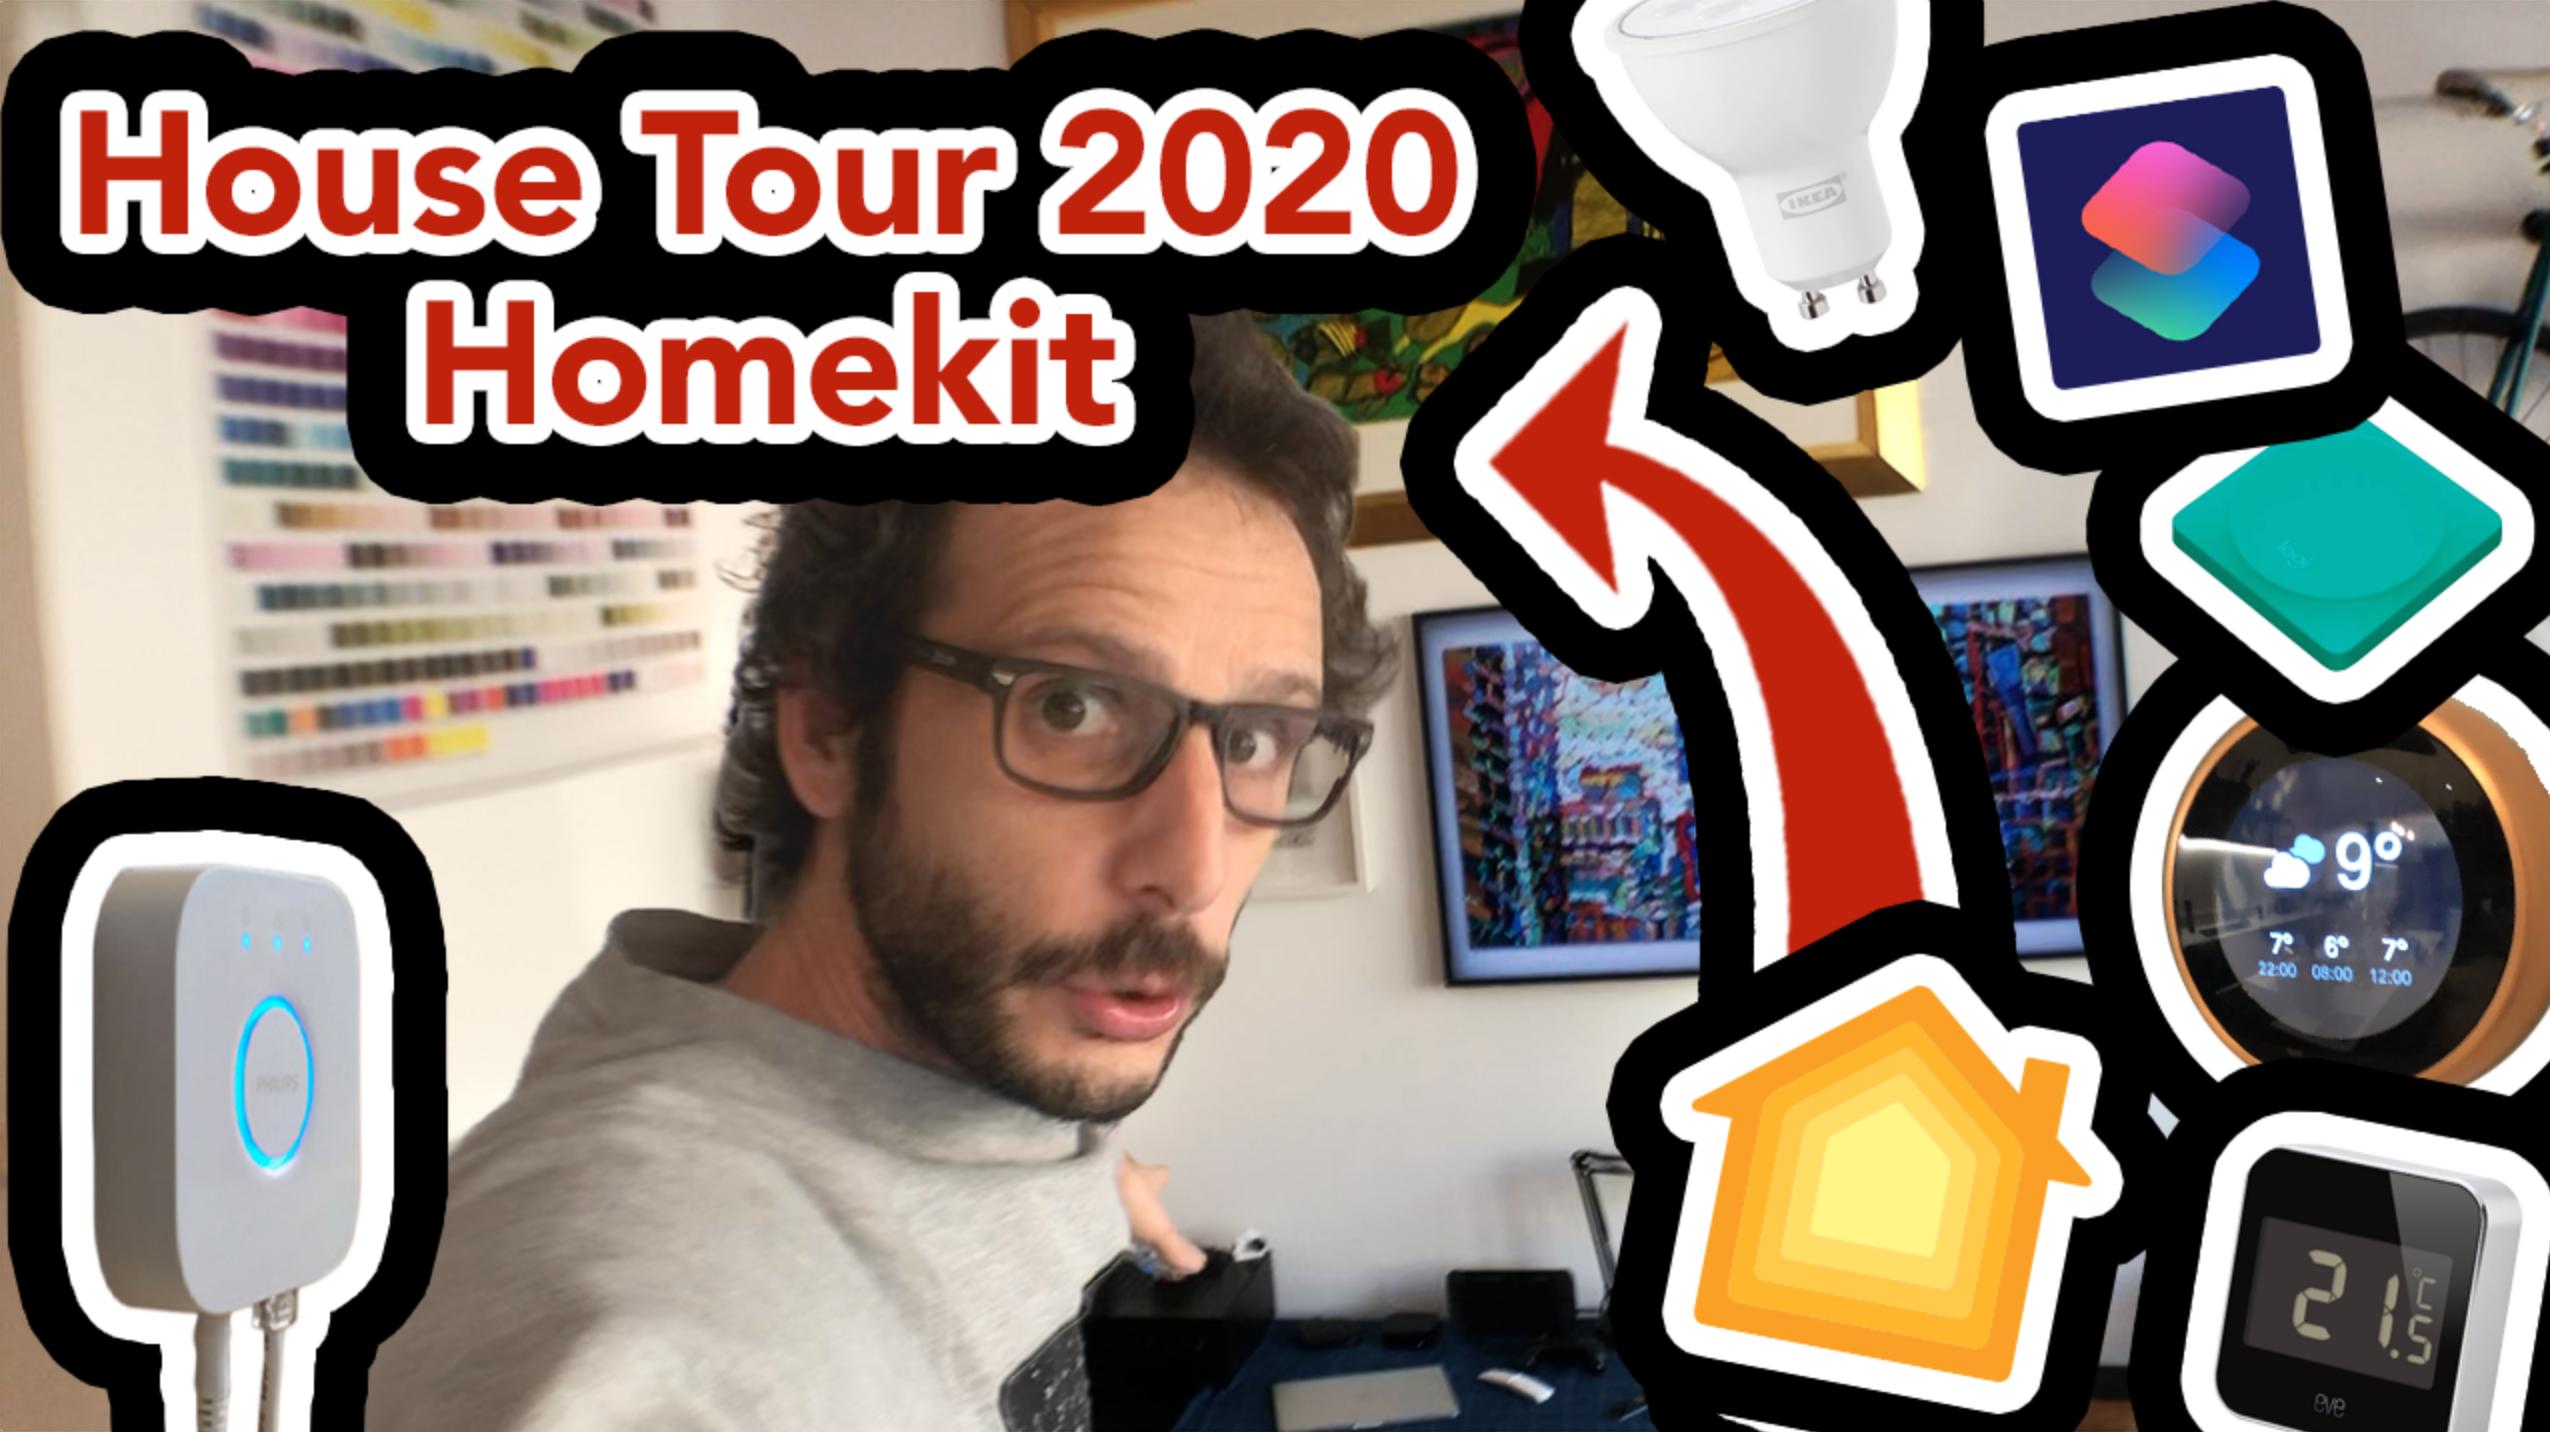 domotique homekit home tour